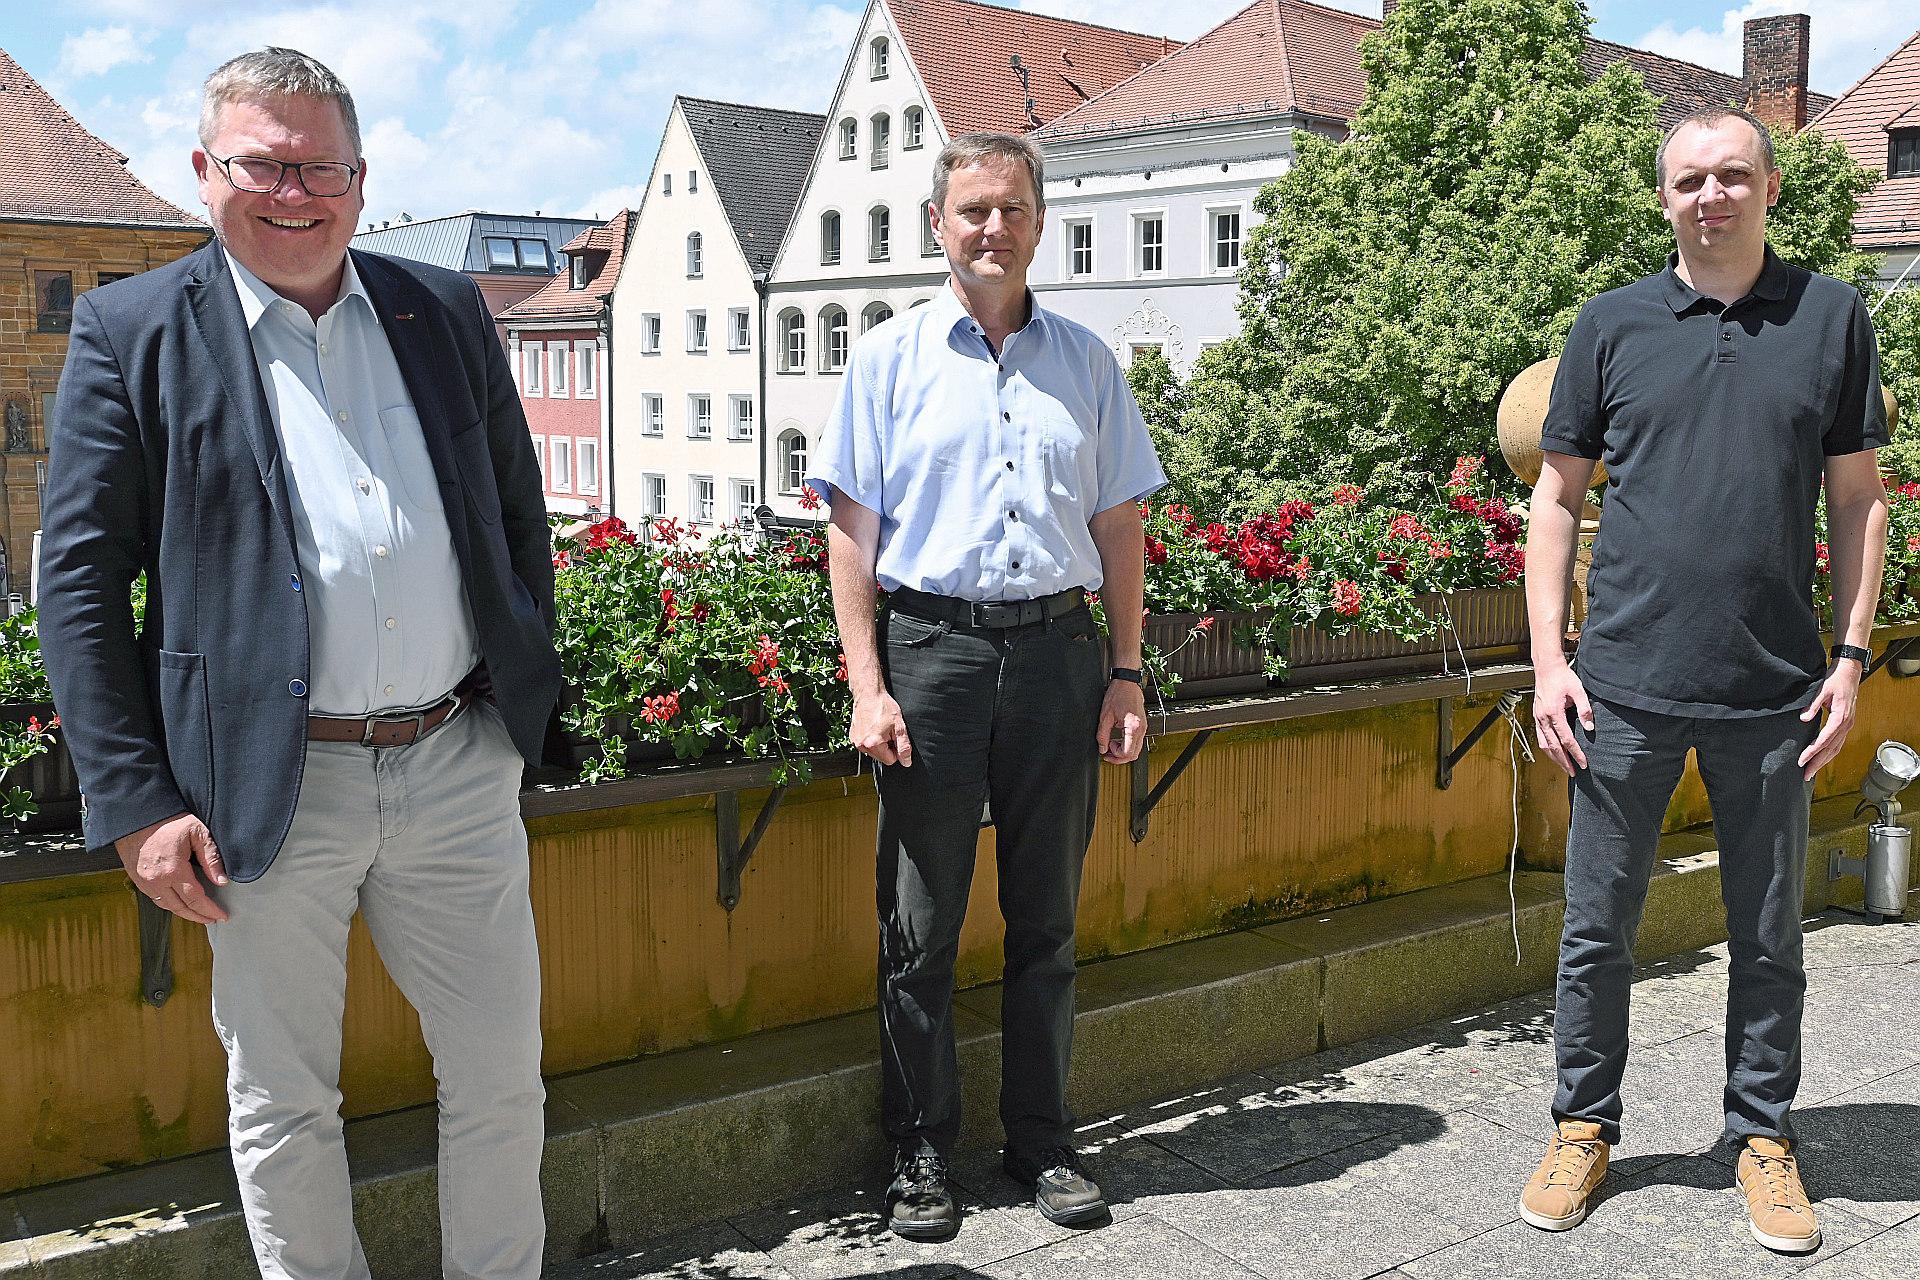 Führungsgruppe Katastrophenschutz der Stadt Amberg im Kampf gegen die Pandemie